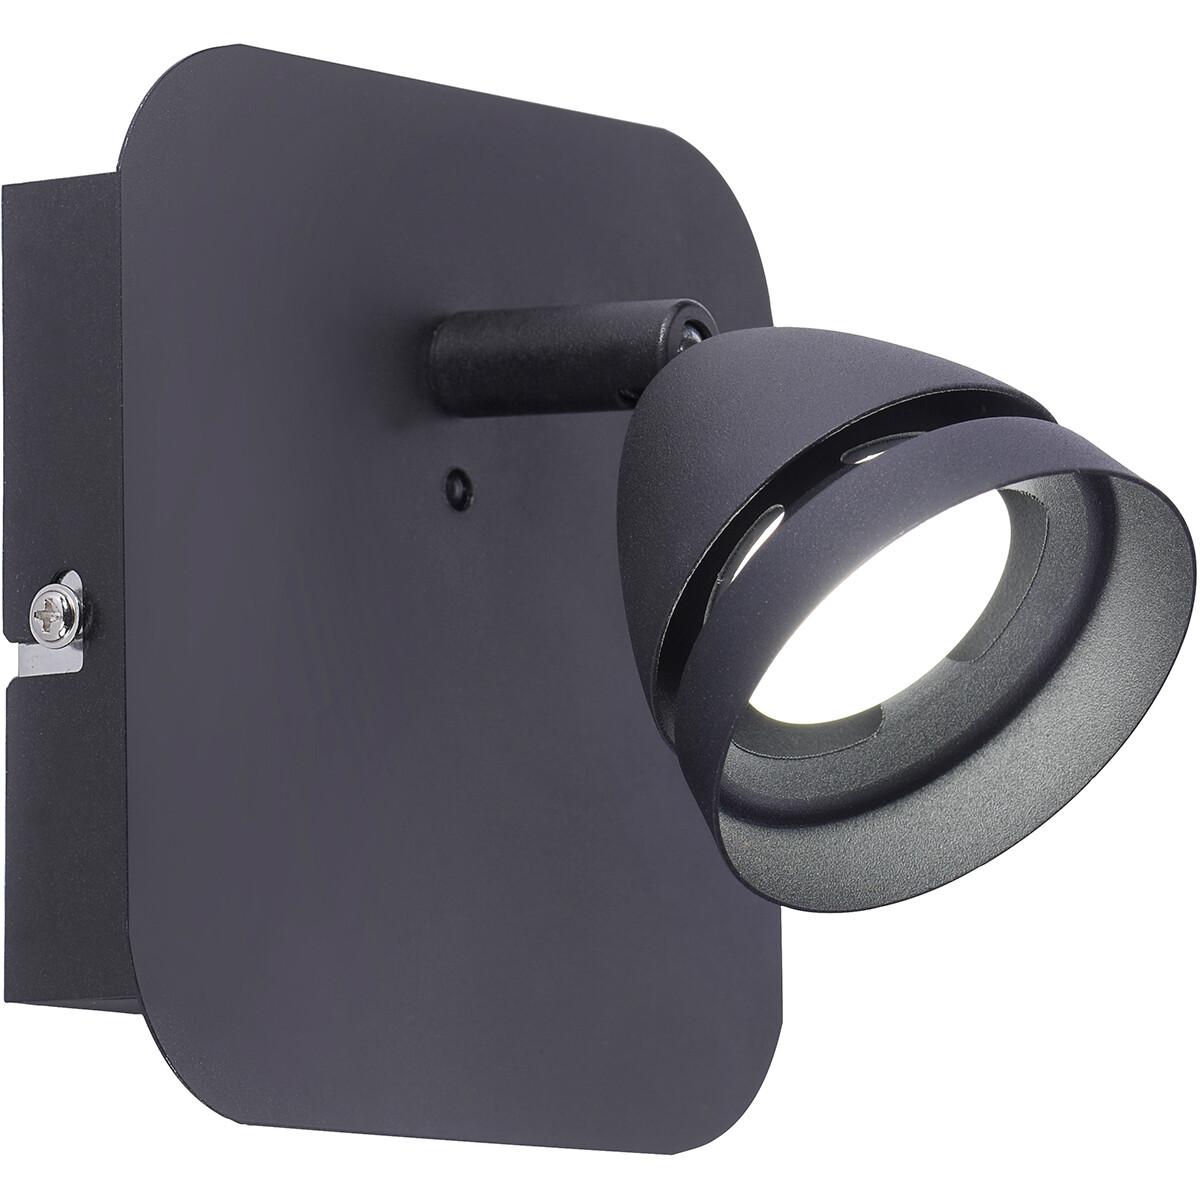 LED Wandspot - Trion Undy - 3W - Aanpasbare Kleur - Vierkant - Mat Zwart - Aluminium